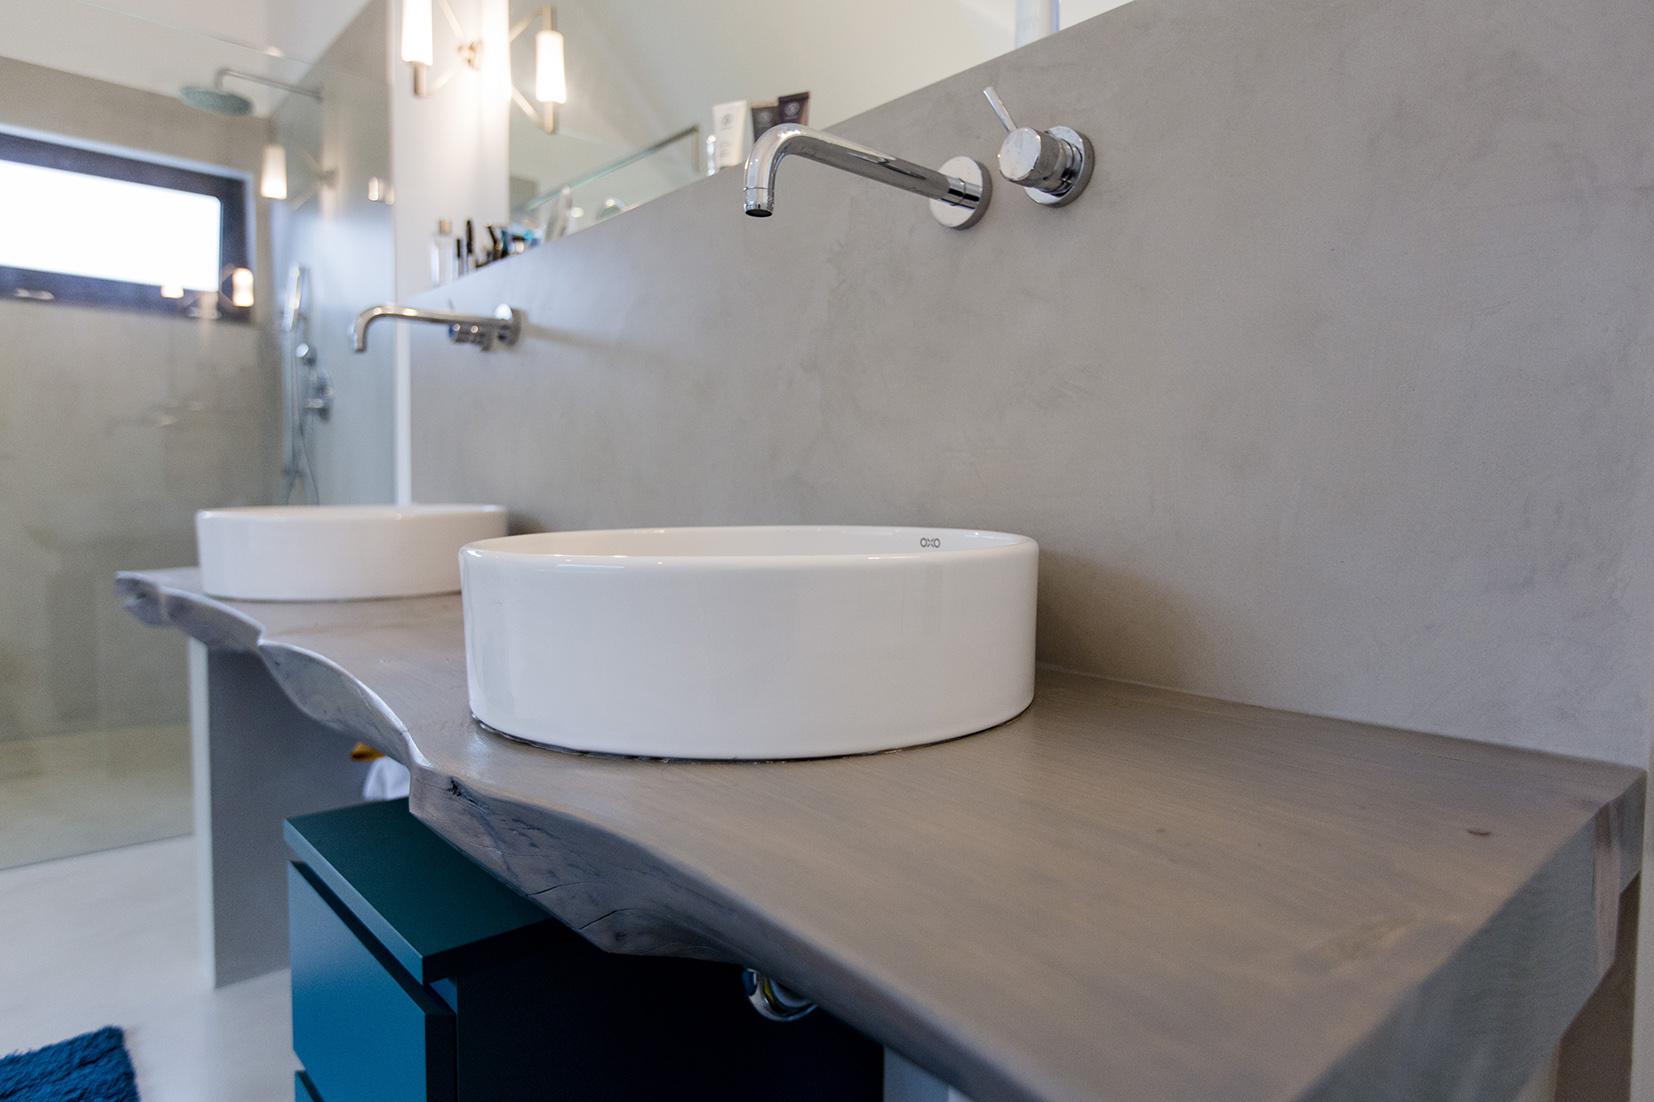 waschbecken auf stunning angenehme ideen splbecken badezimmer und stilvoll die besten keramik. Black Bedroom Furniture Sets. Home Design Ideas